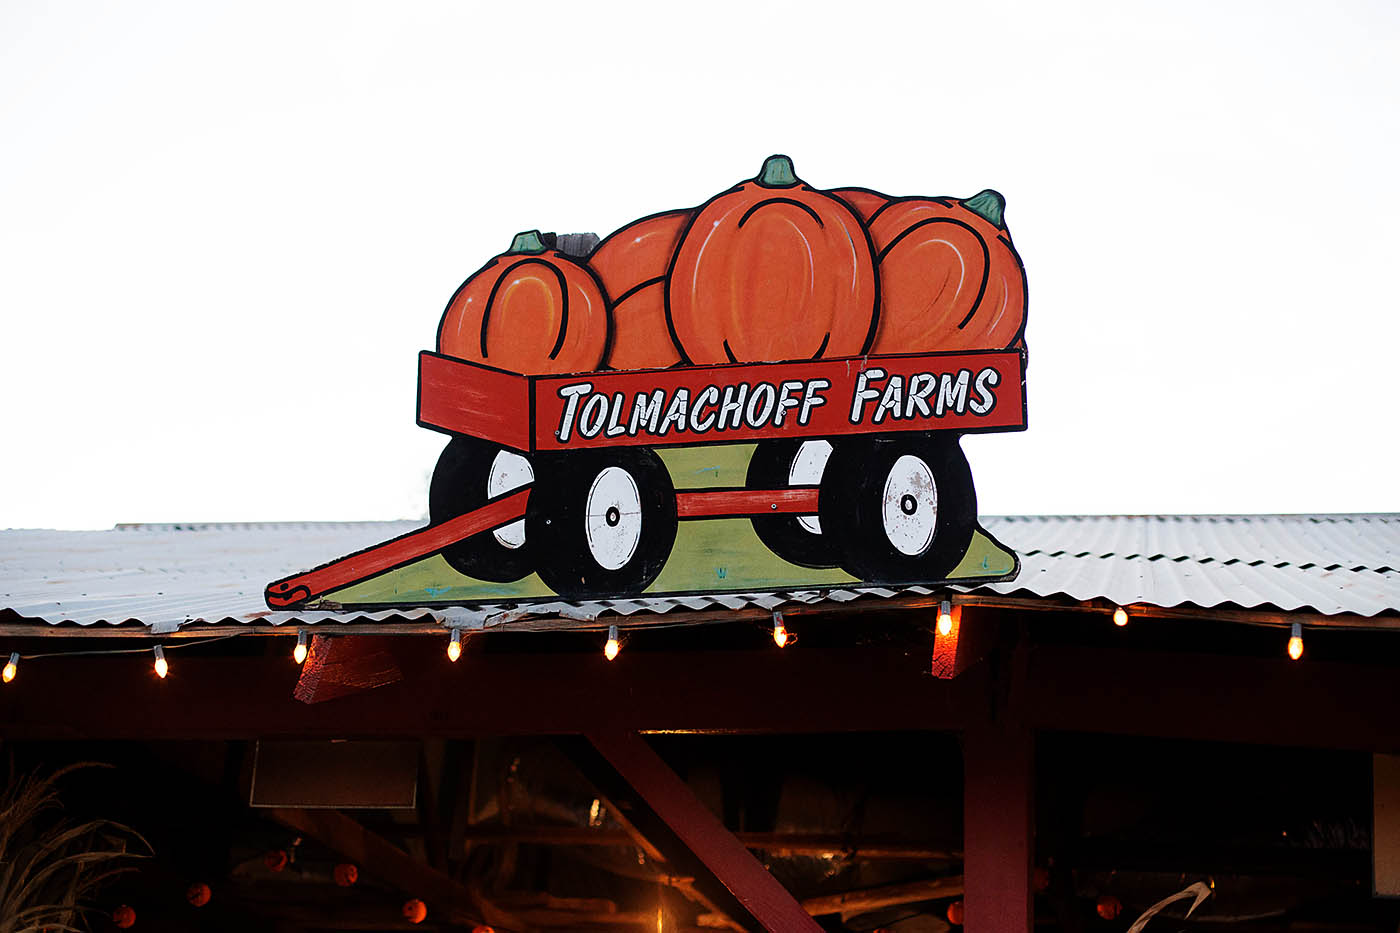 Tolmachoff Farms in Glendale, AZ - annual corn maze and pumpkin patch